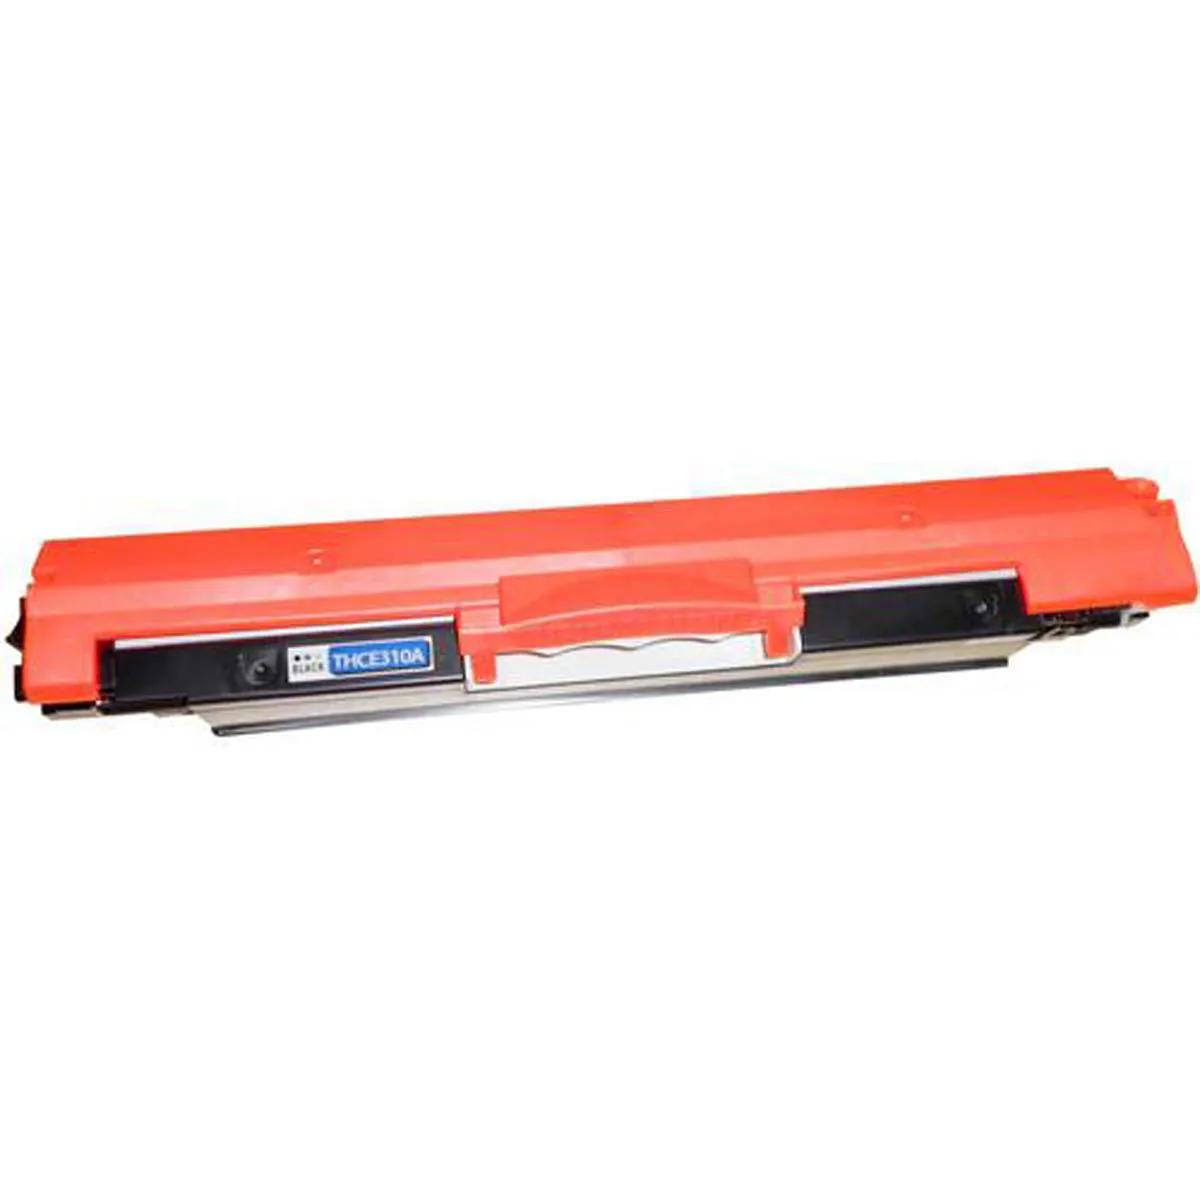 Toner Compativel com HP CE310A CE310 310A 310 126A Preto - CP1020 CP1025 M175 M175A - 1,3K